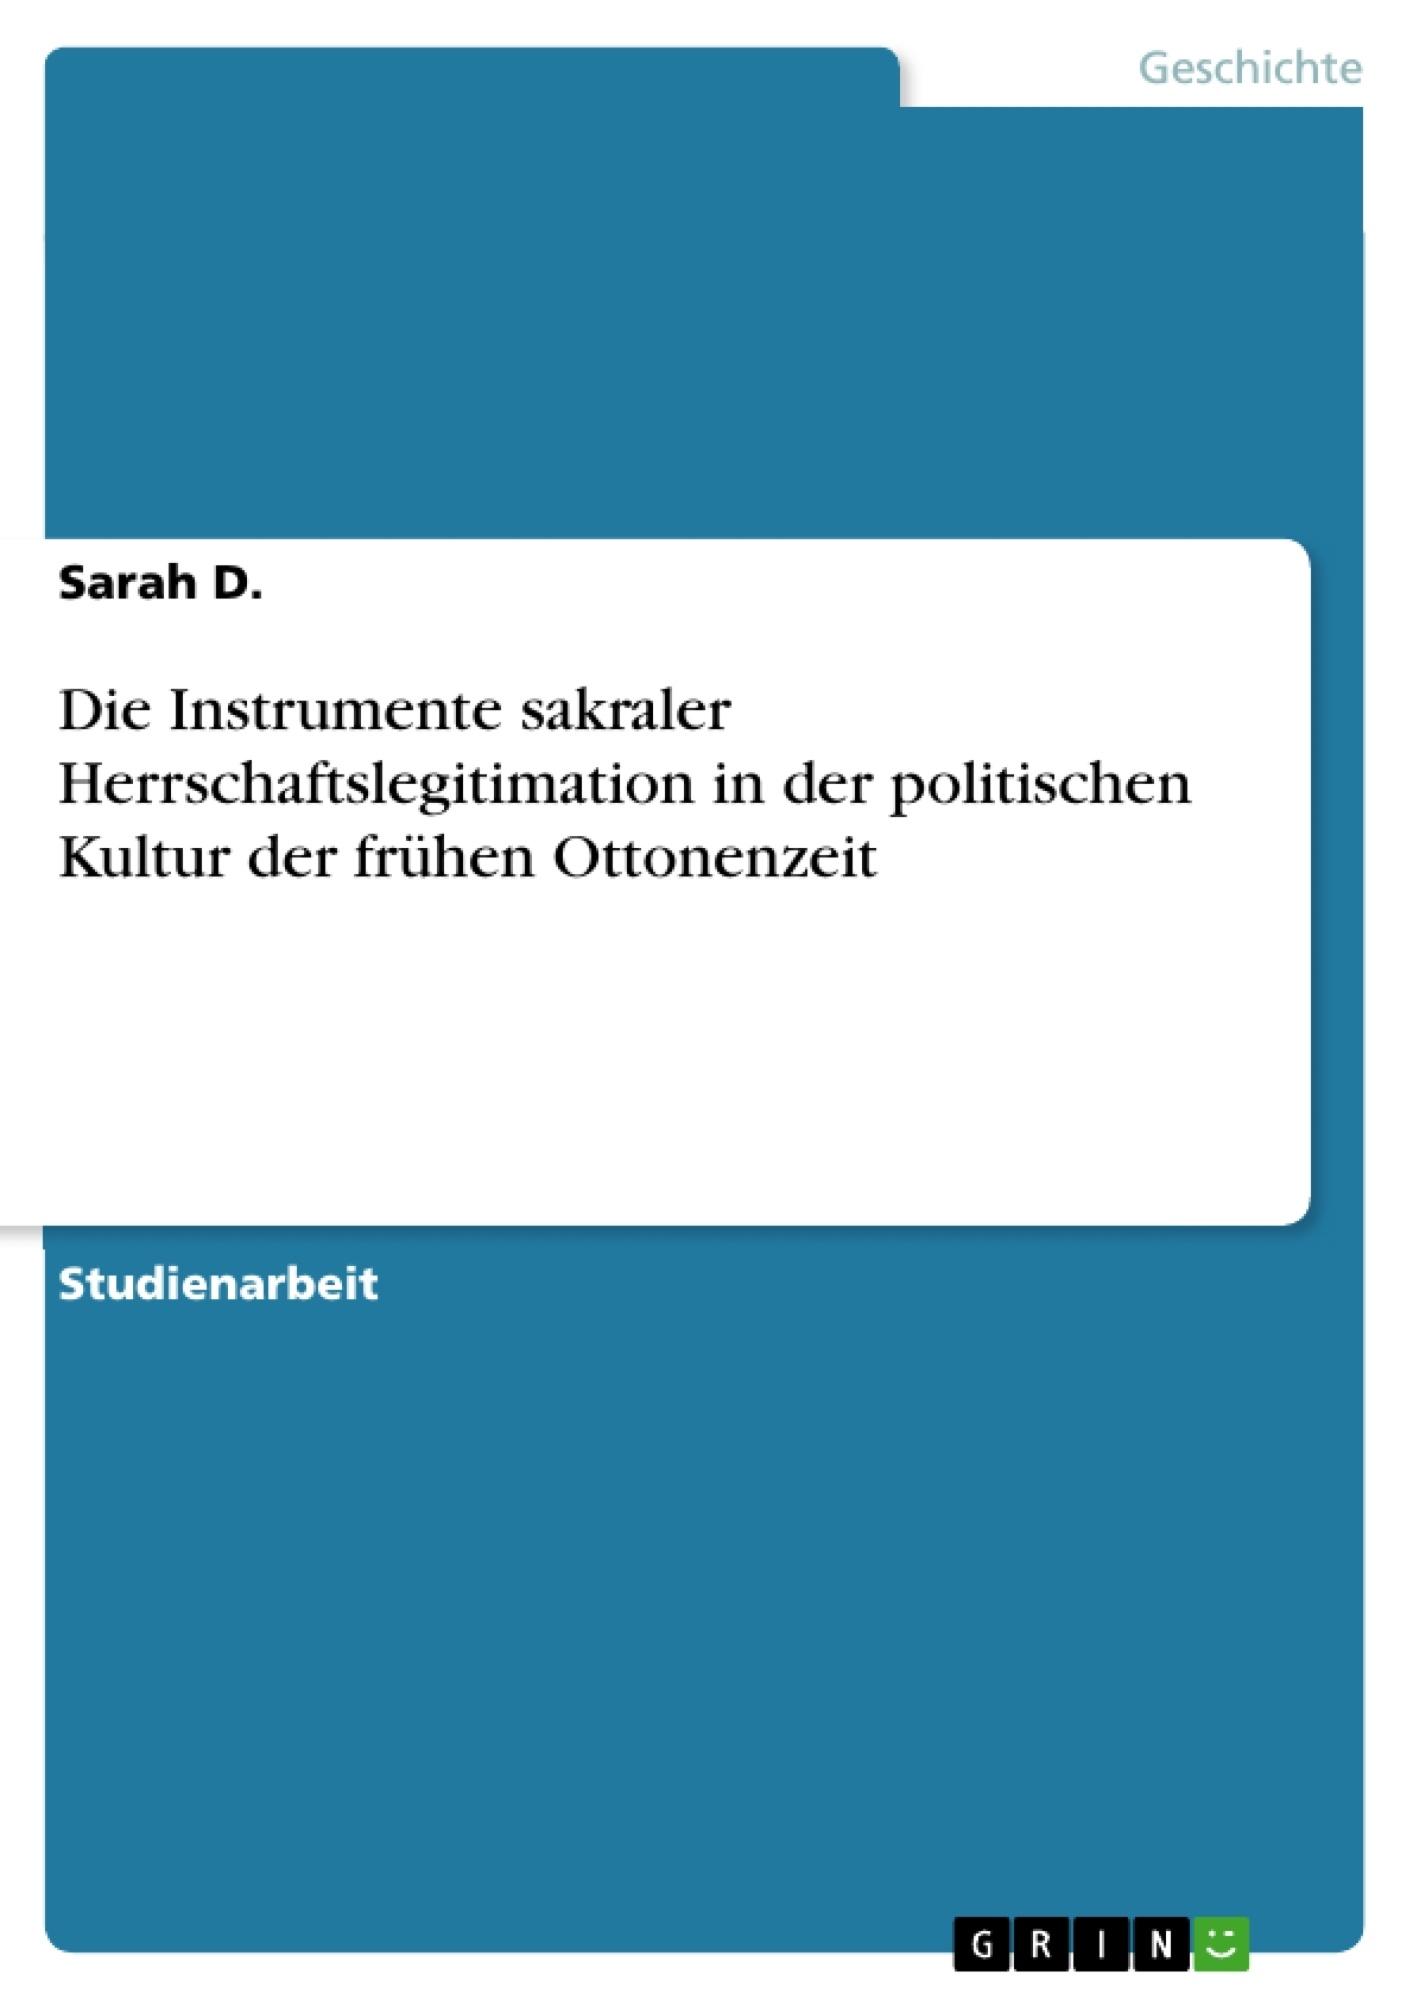 Titel: Die Instrumente sakraler Herrschaftslegitimation in der politischen Kultur der frühen Ottonenzeit